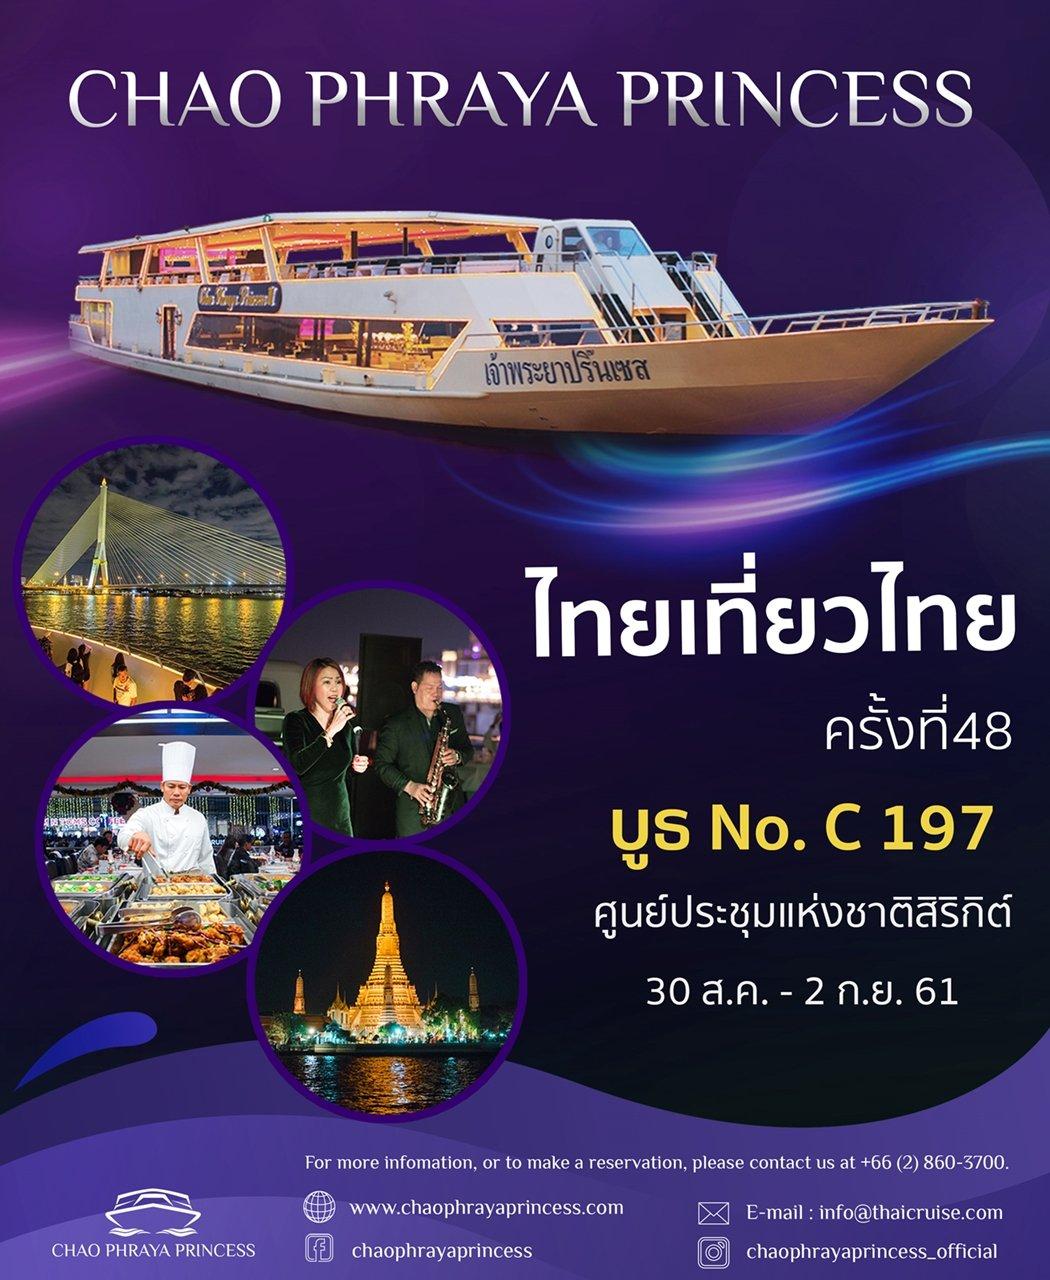 โปรโมชั่นสุดท้ายก่อนปรับราคา งานไทยเที่ยวไทย ครั้งที่ 48 วันที่ 30 ส.ค. – 2 ก.ย. 2561 13 -